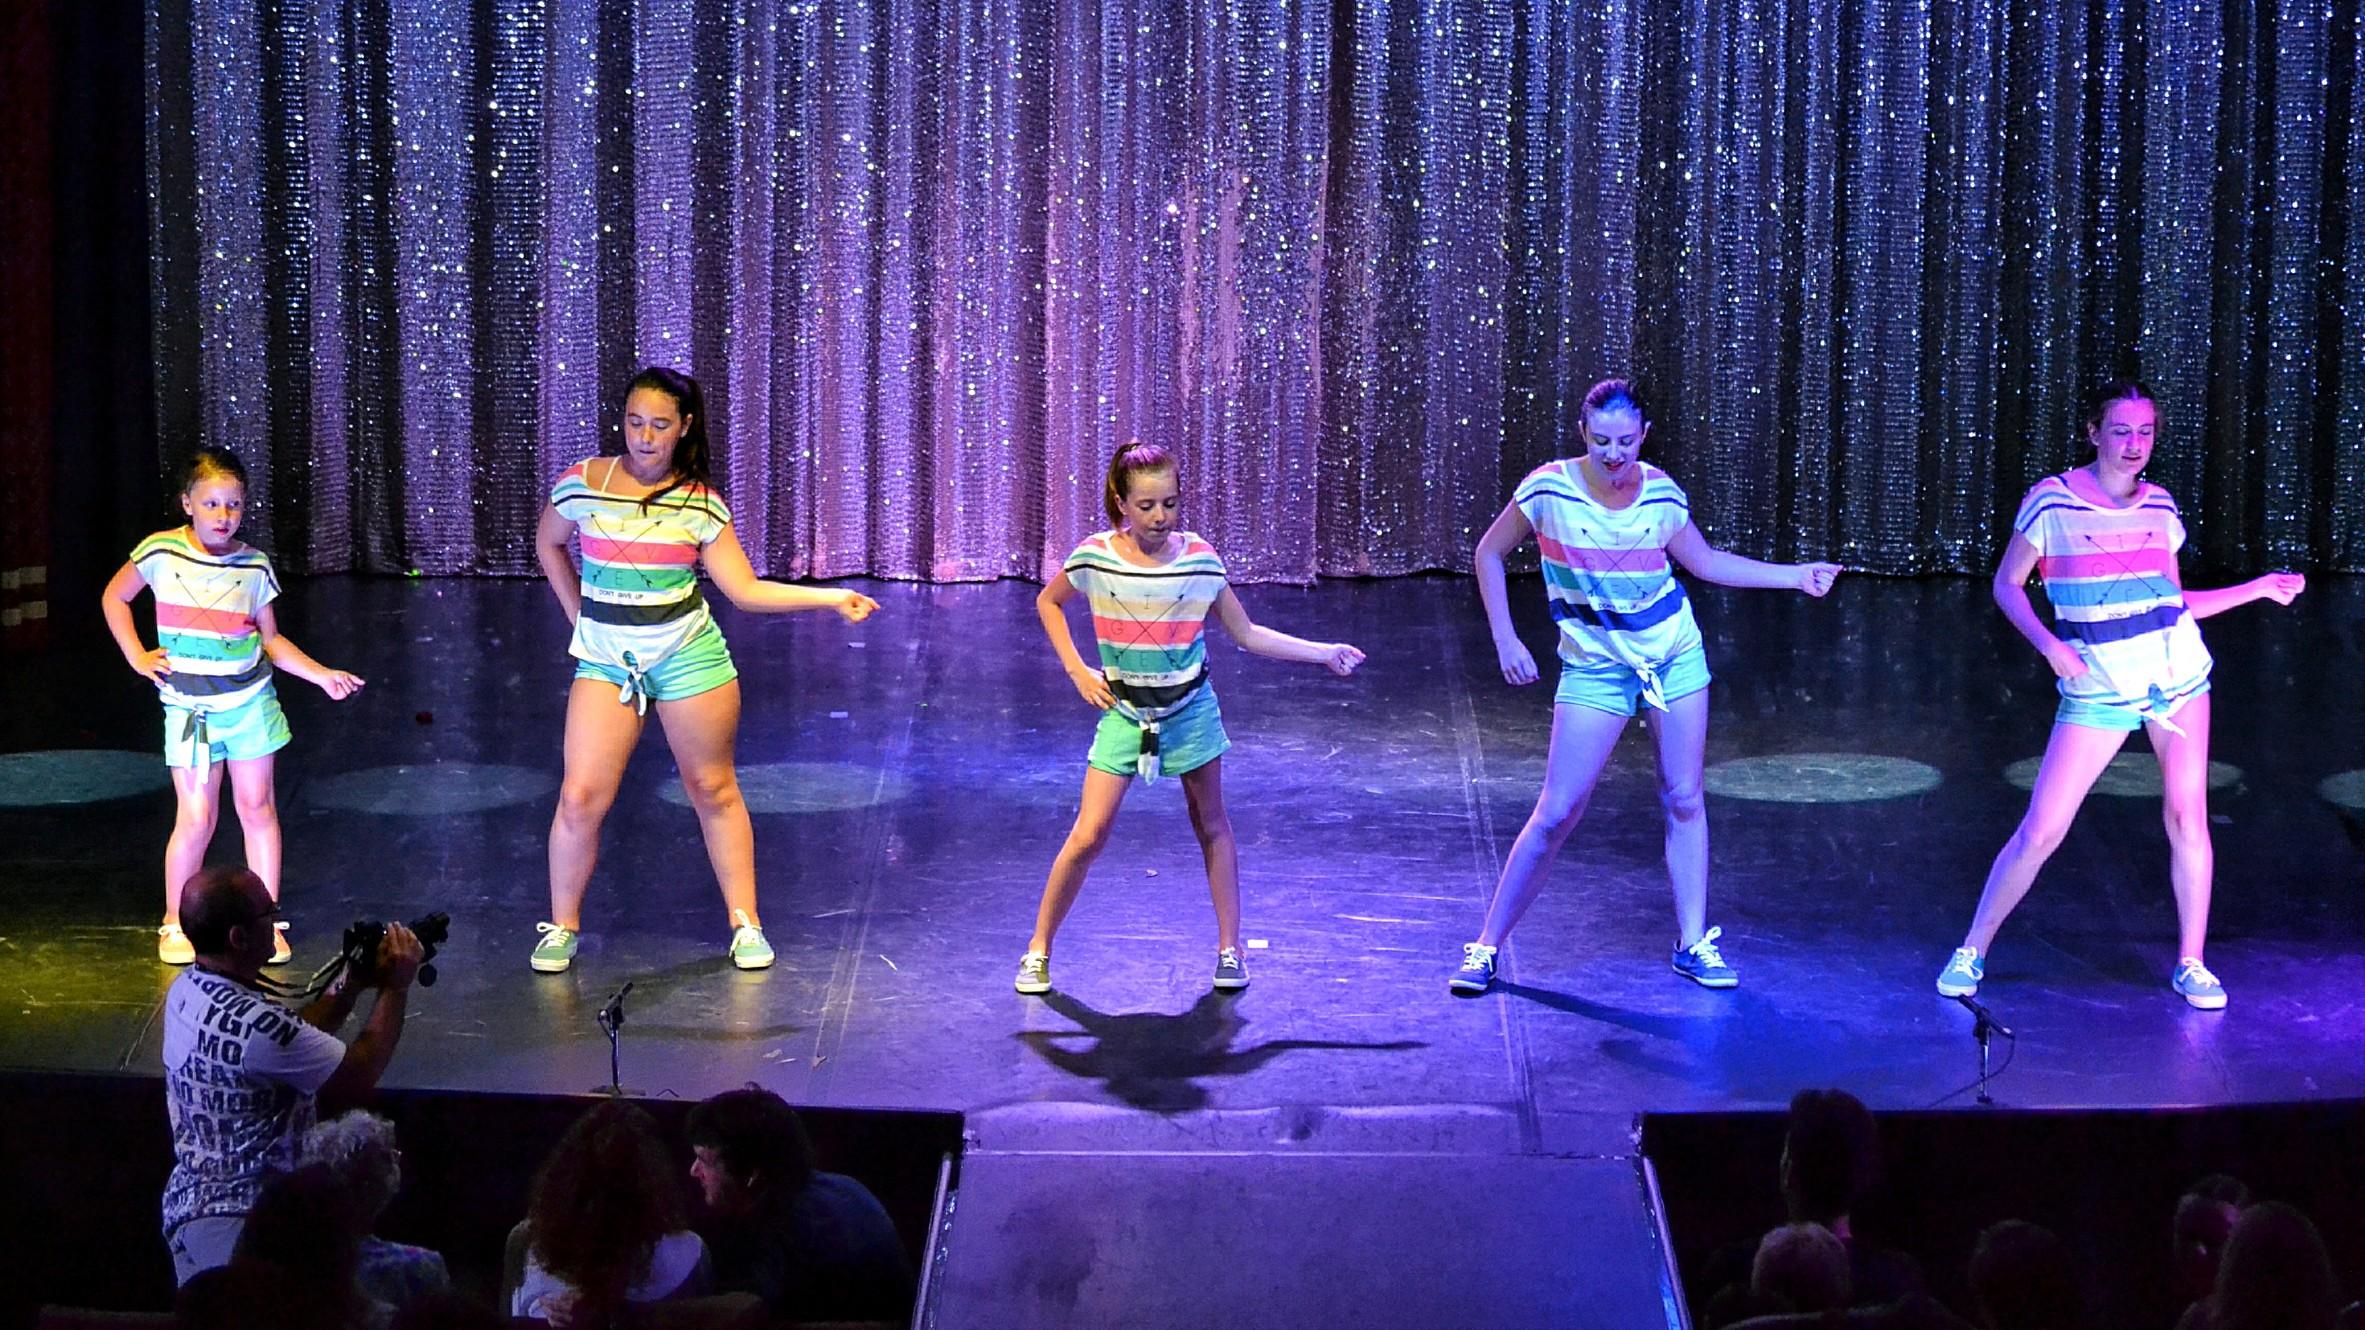 Linea-de-Baile-festival-verano-2015-clases-de-baile-valencia-91